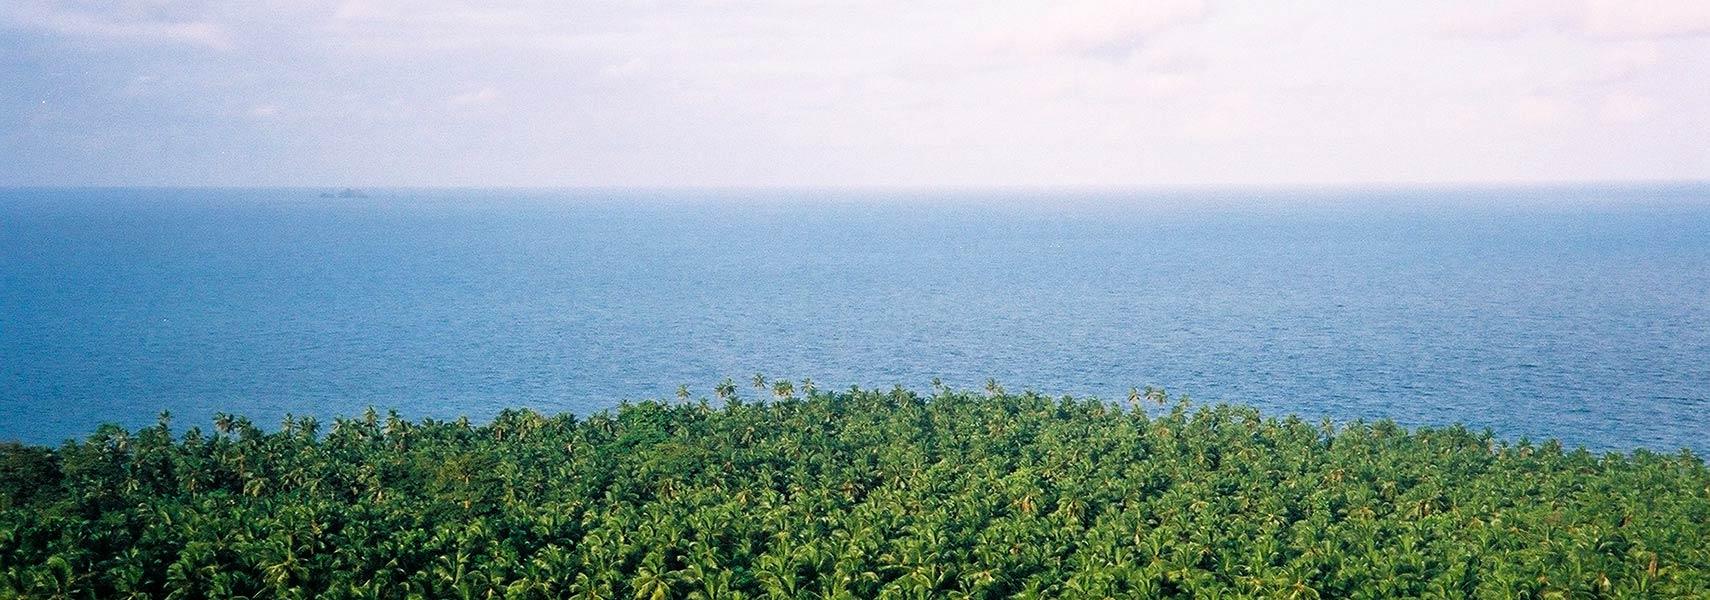 Ilheu Das Rolas São Tomé And Principe